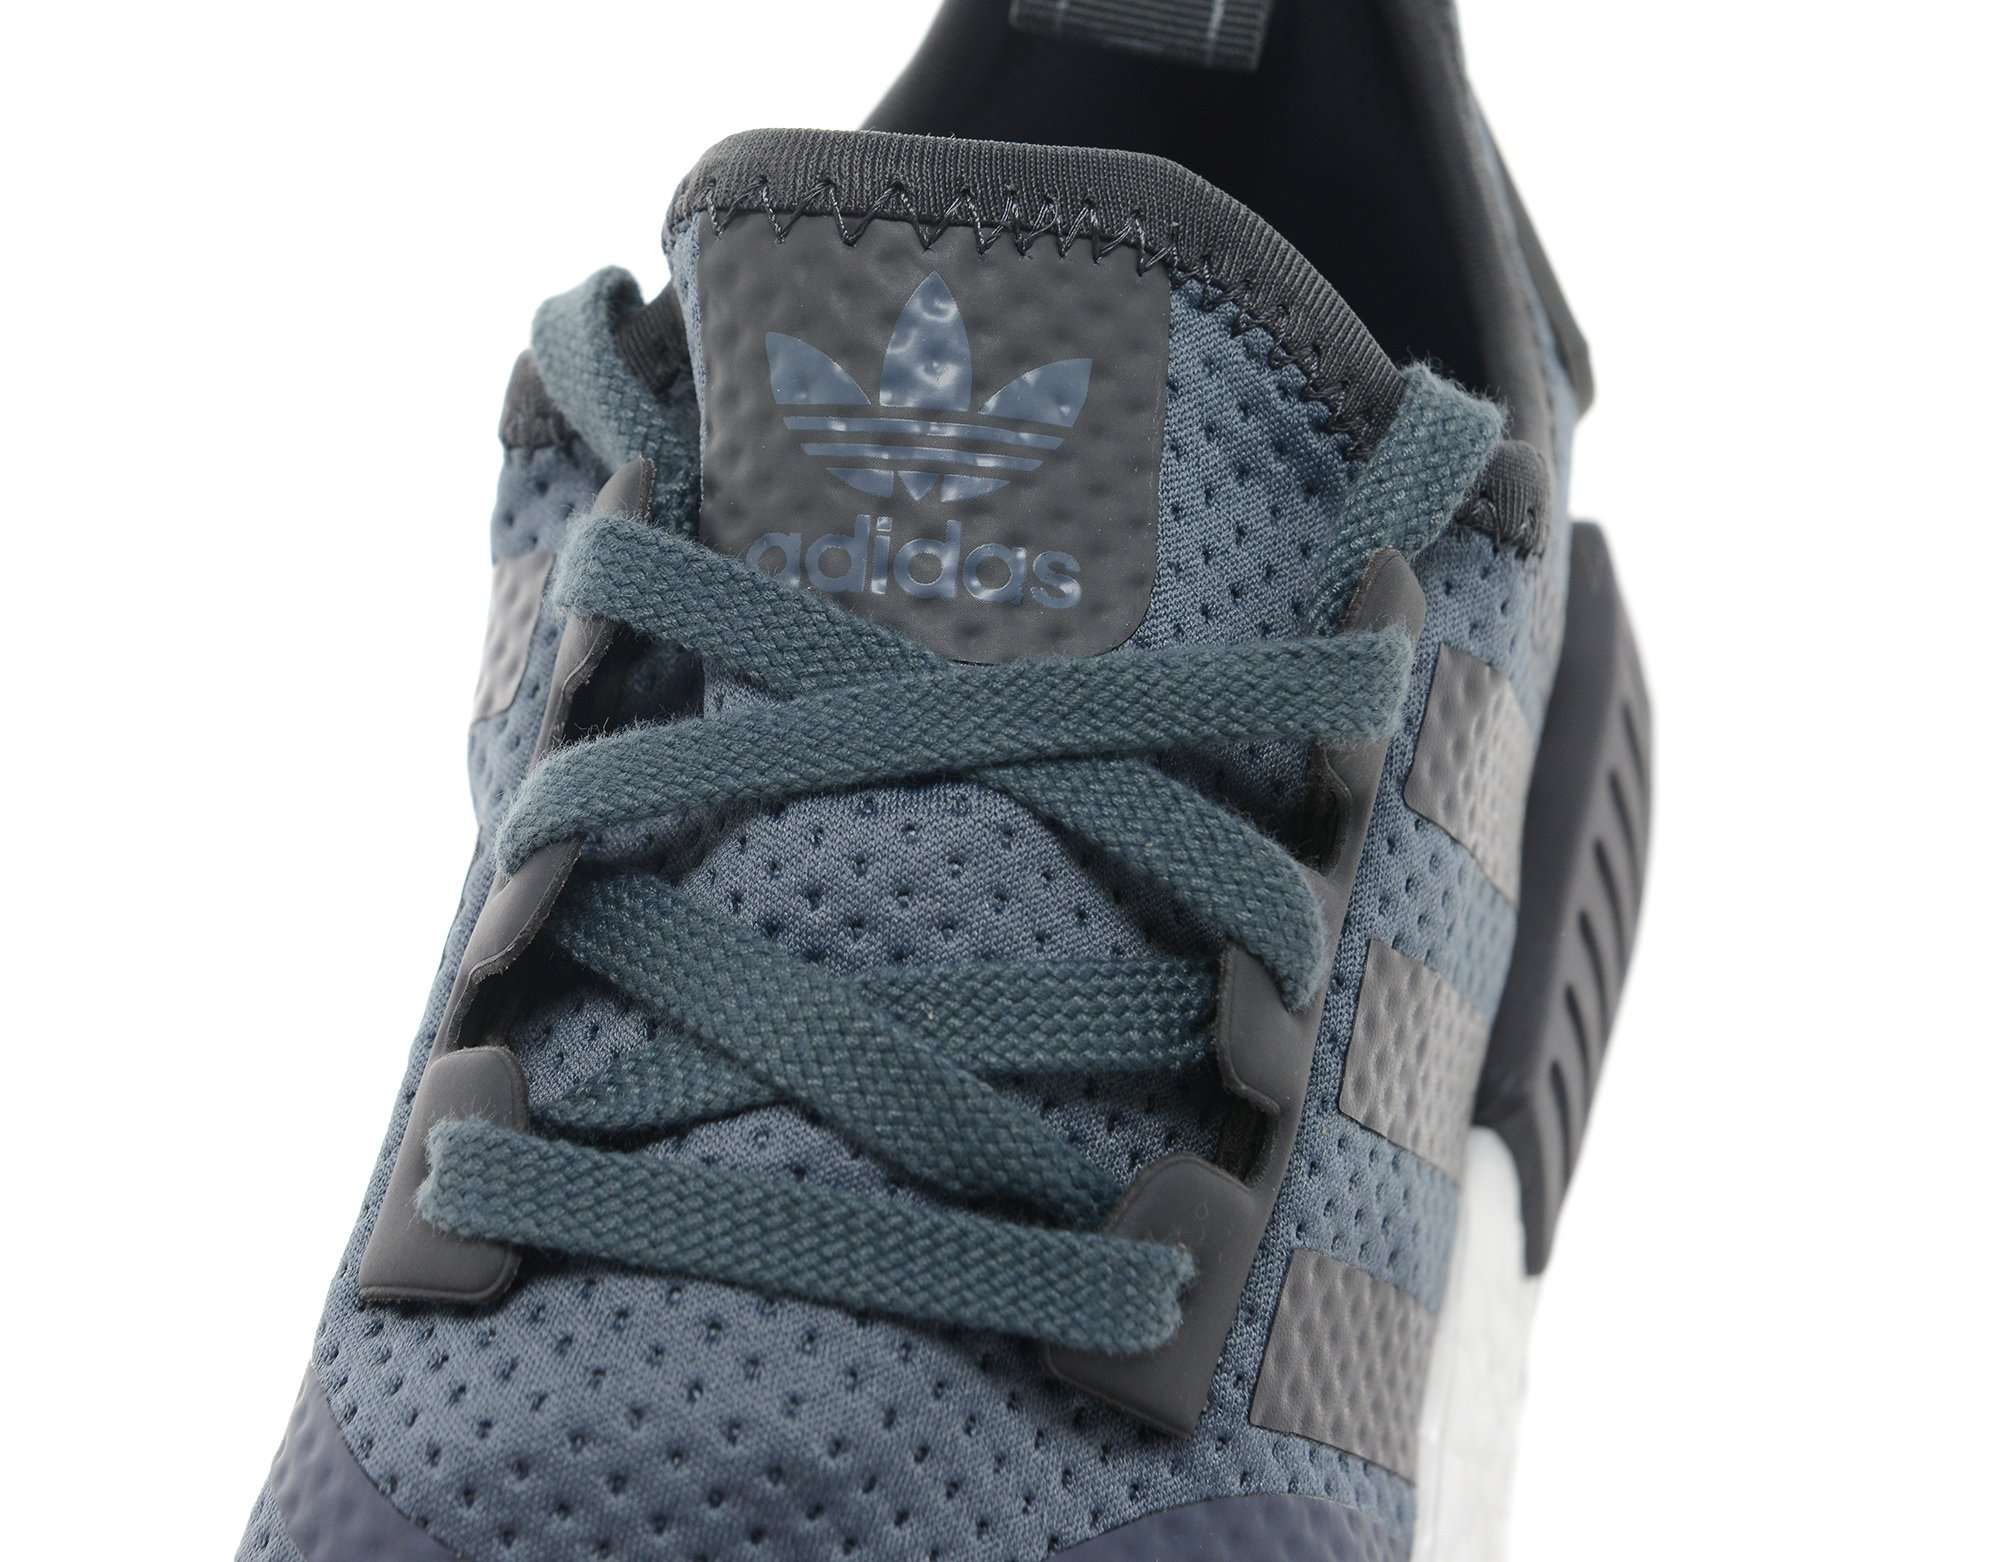 Adidas nmd runner r1 branco preto marrom